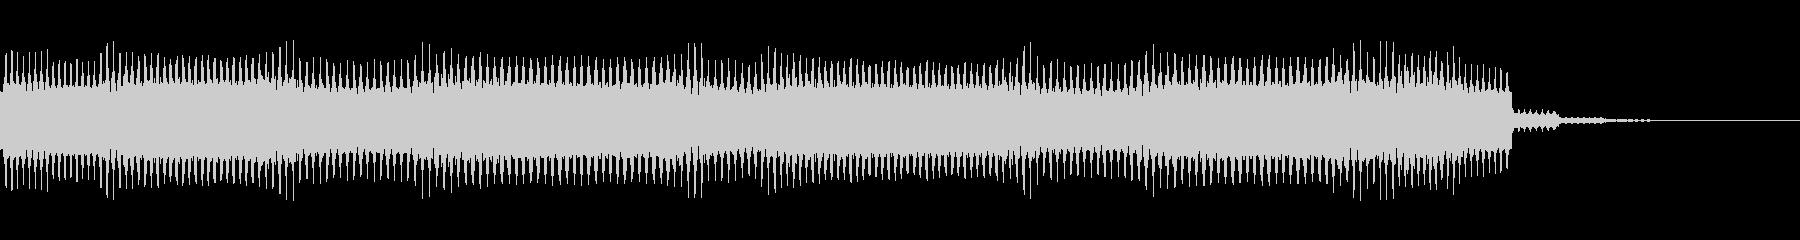 レーザー、ビーム、光などのイメージの未再生の波形